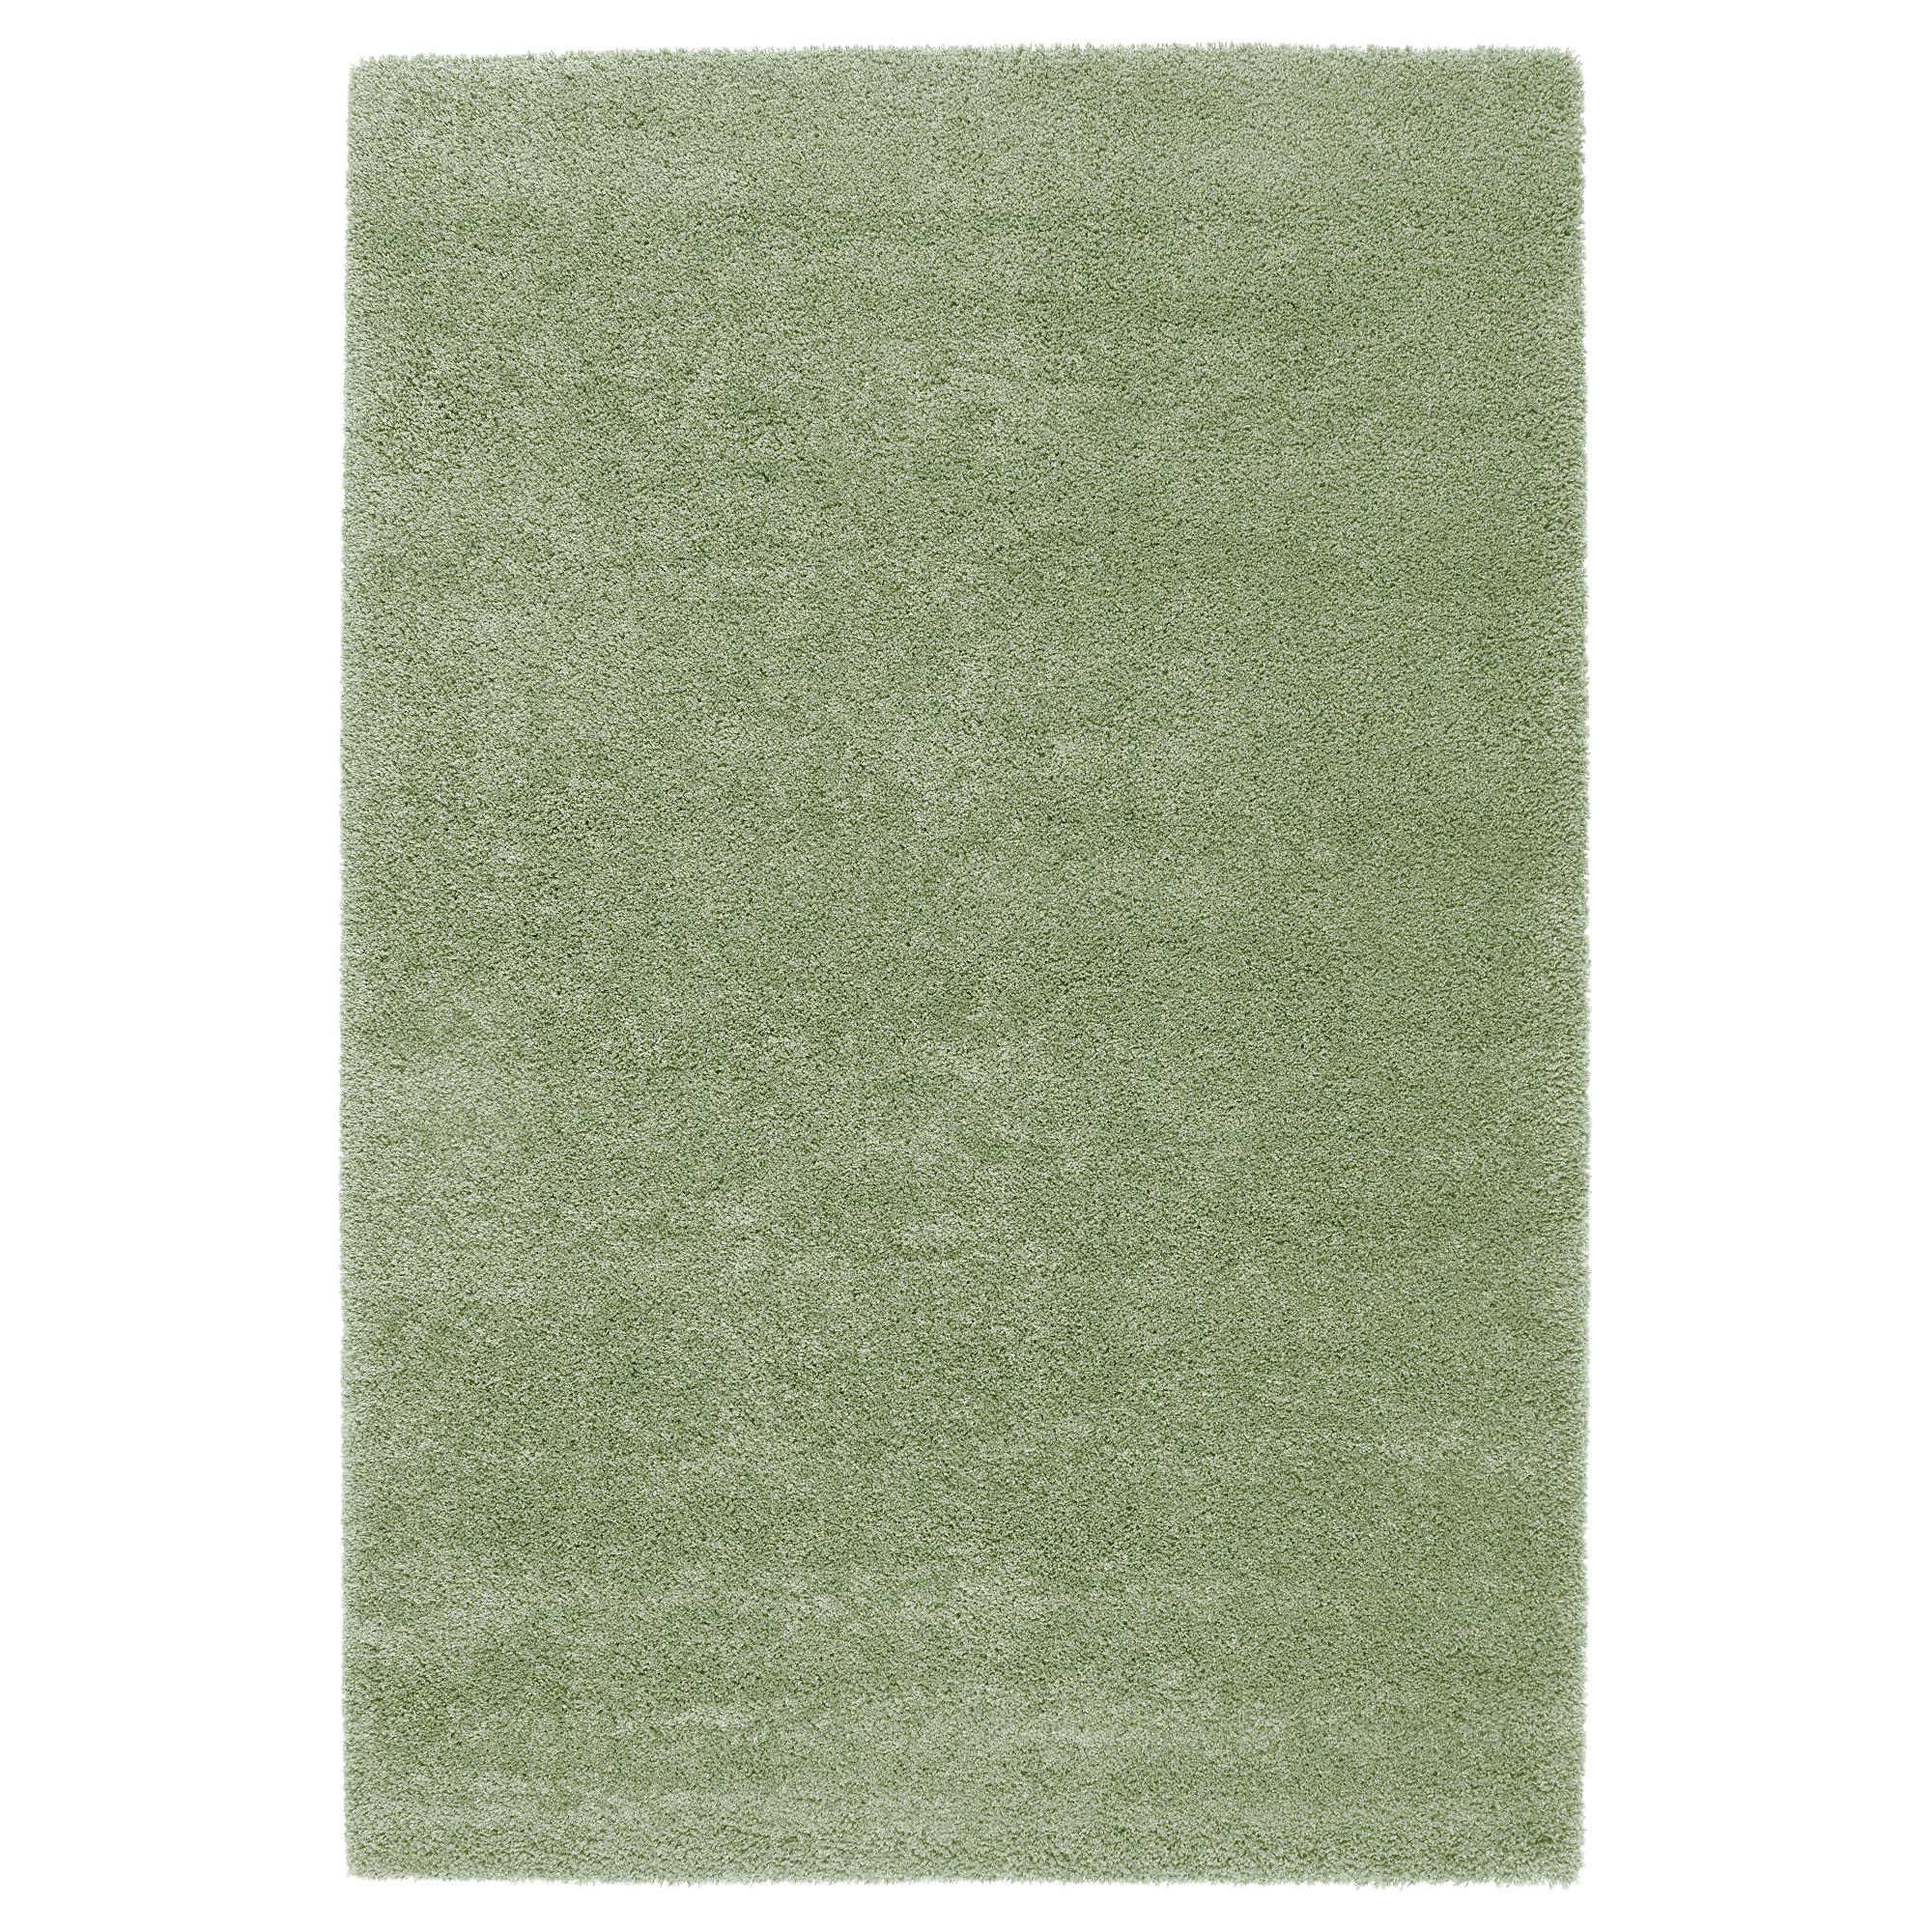 Ковер, длинный ворс ОДУМ светло-зеленый артикуль № 203.709.91 в наличии. Онлайн сайт ИКЕА РБ. Недорогая доставка и установка.